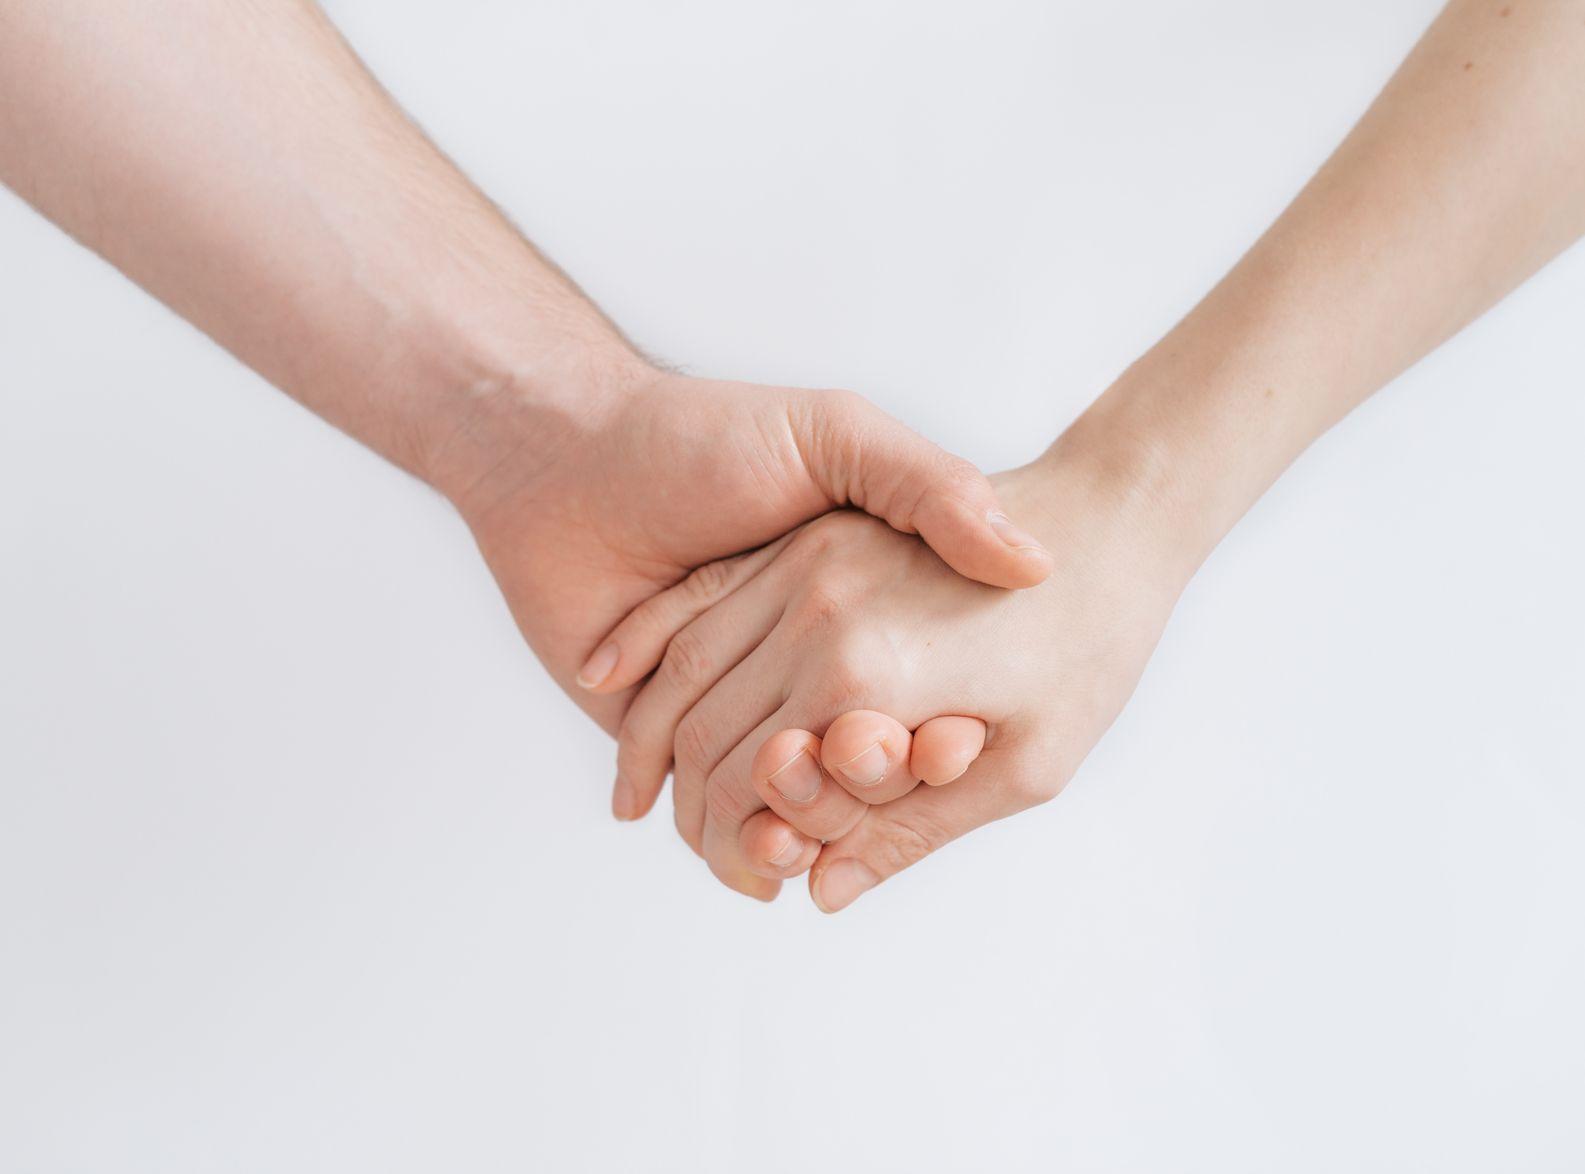 台女童陪同求诊紧握患癌母双手 医生暖心承诺感动网民